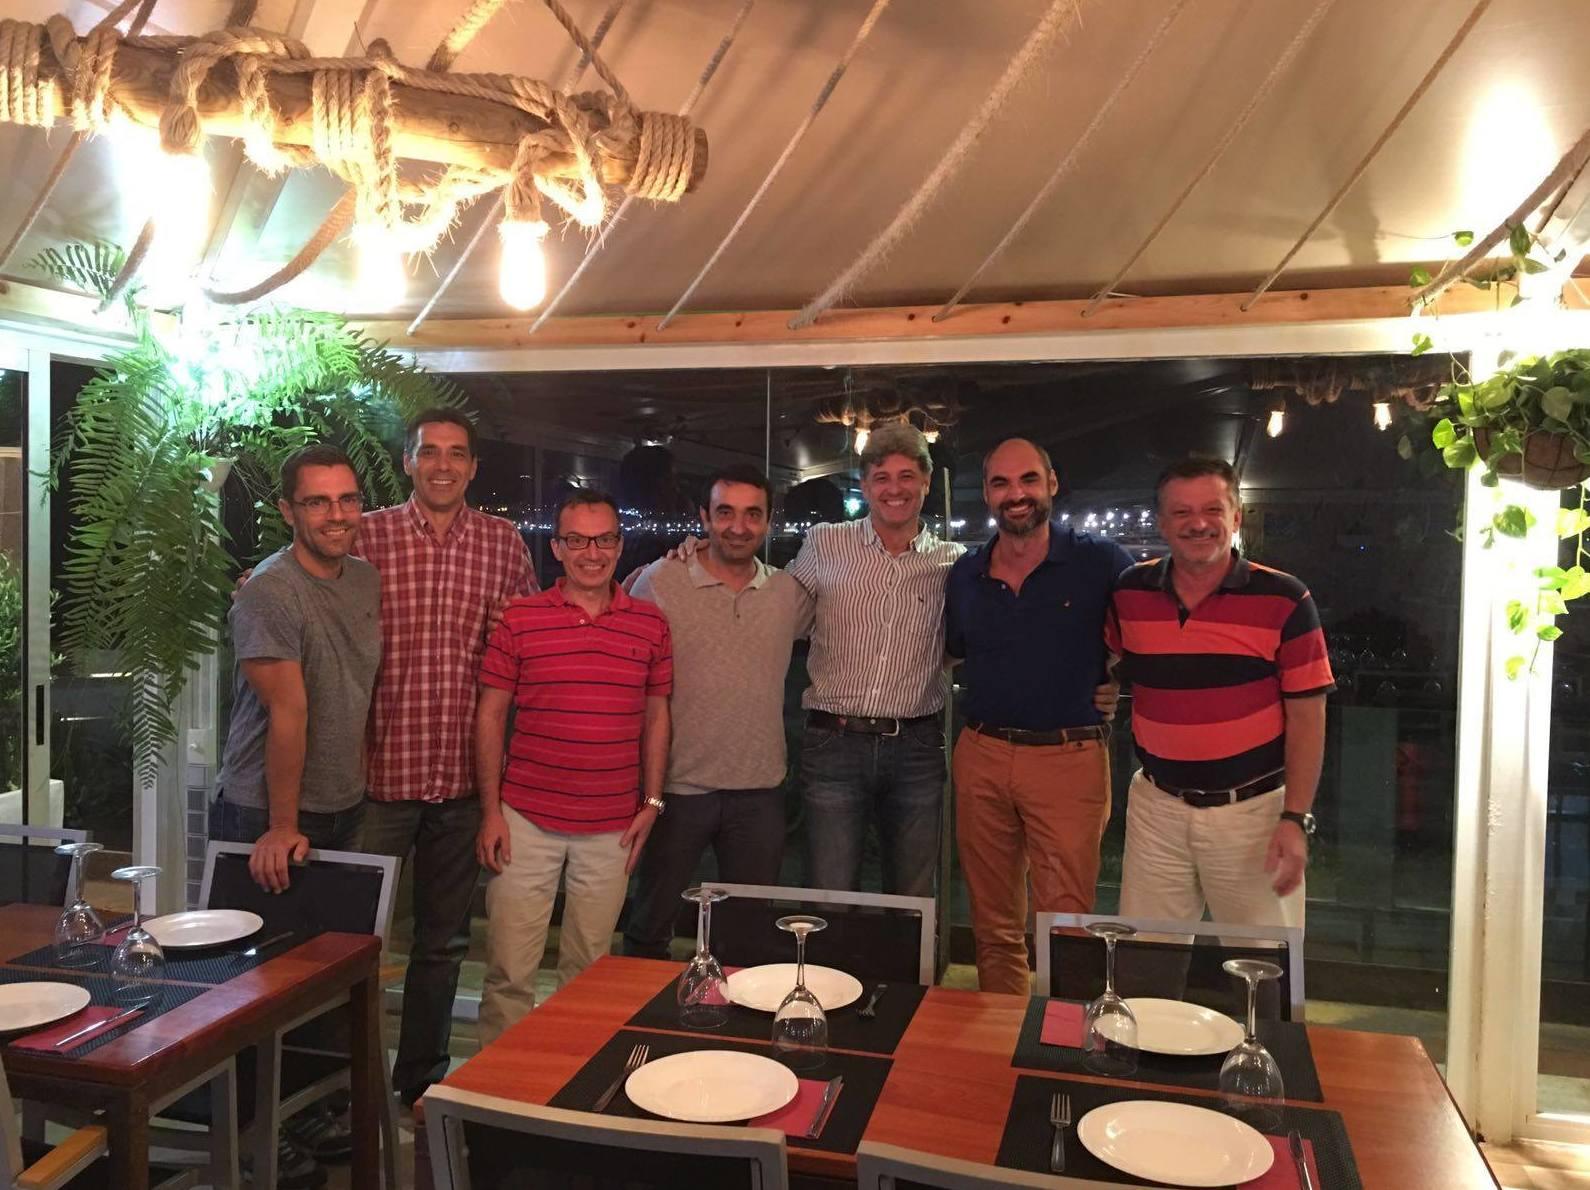 Visita de la OFGC (La orquesta filarmónica de Gran Canaria) y la AMPOS (Asociación de músicos profesionales de orquestas sinfónicas)